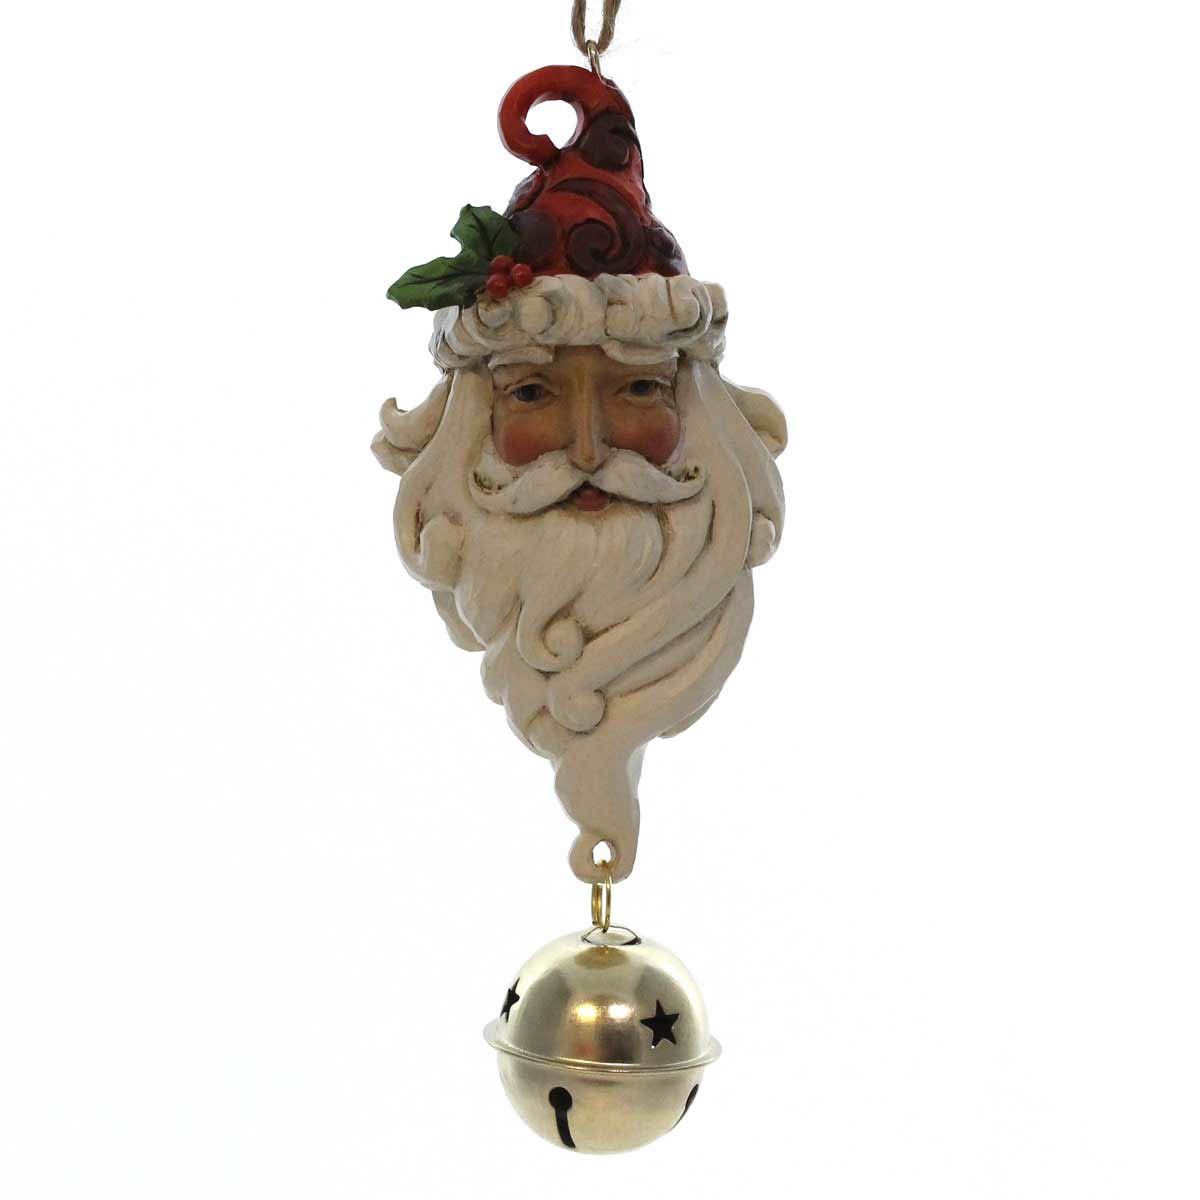 Santa Dangling Bell Ornament Resin Ornament